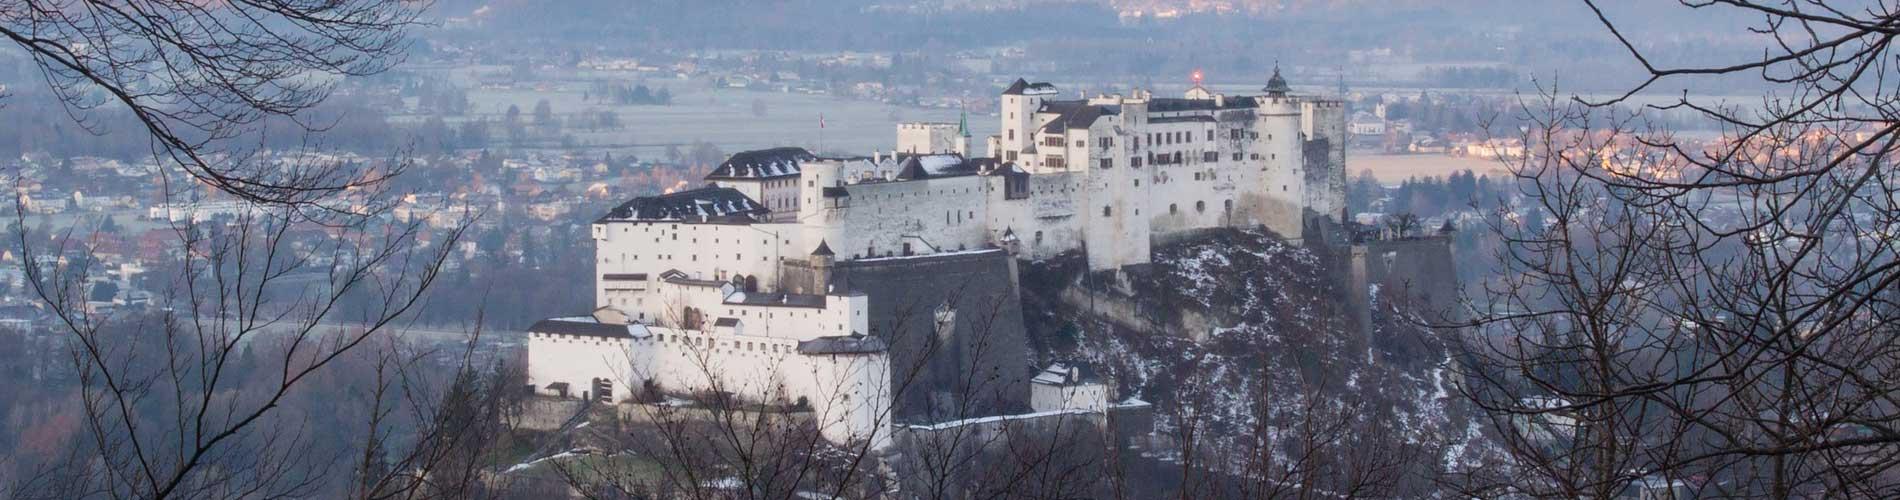 Blog_TopTenWinterBreaks_Salzburg_Fortress_1900x500_Q120